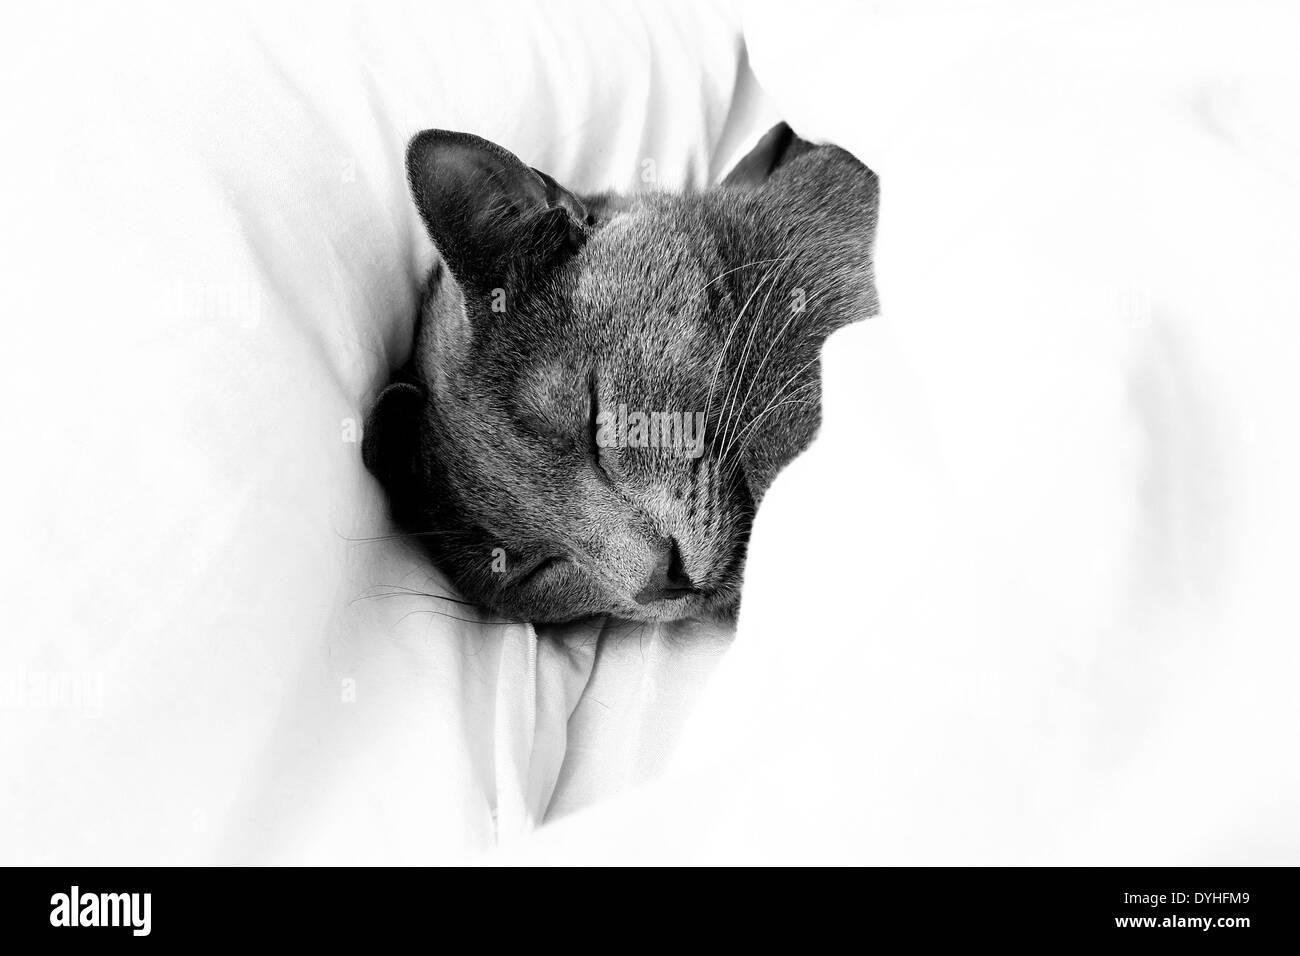 Un gato gris durmiendo en una cama bajo las hojas Imagen De Stock